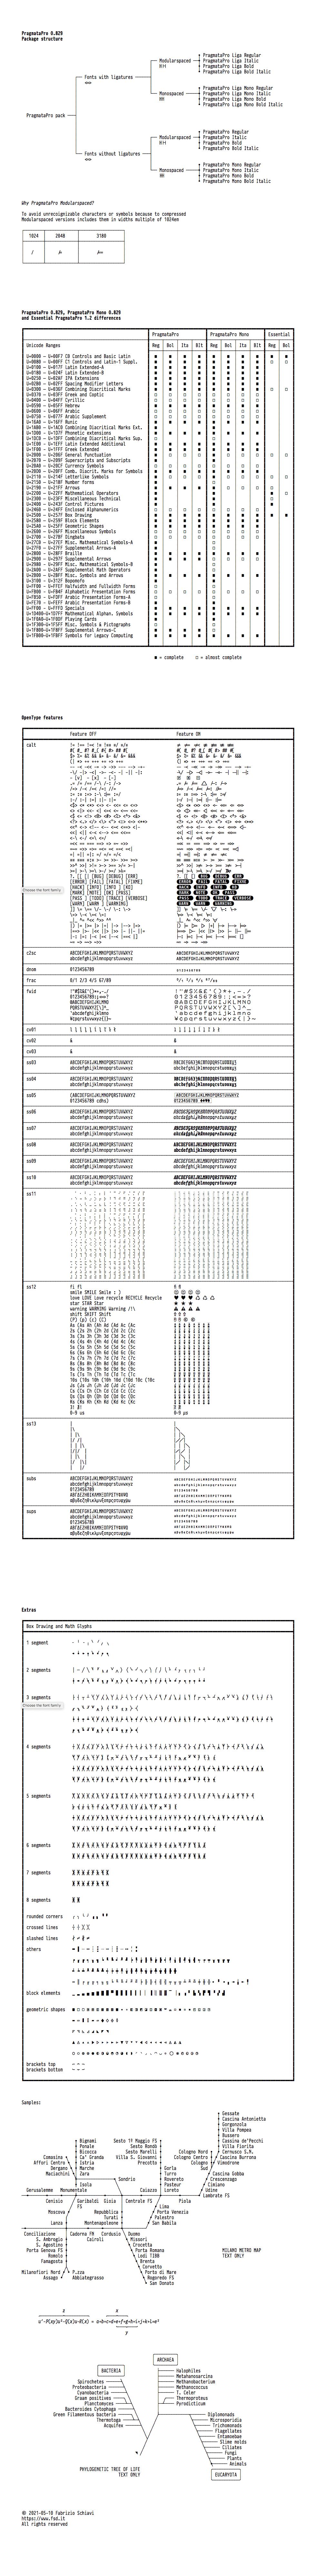 PragmataPro Handbook